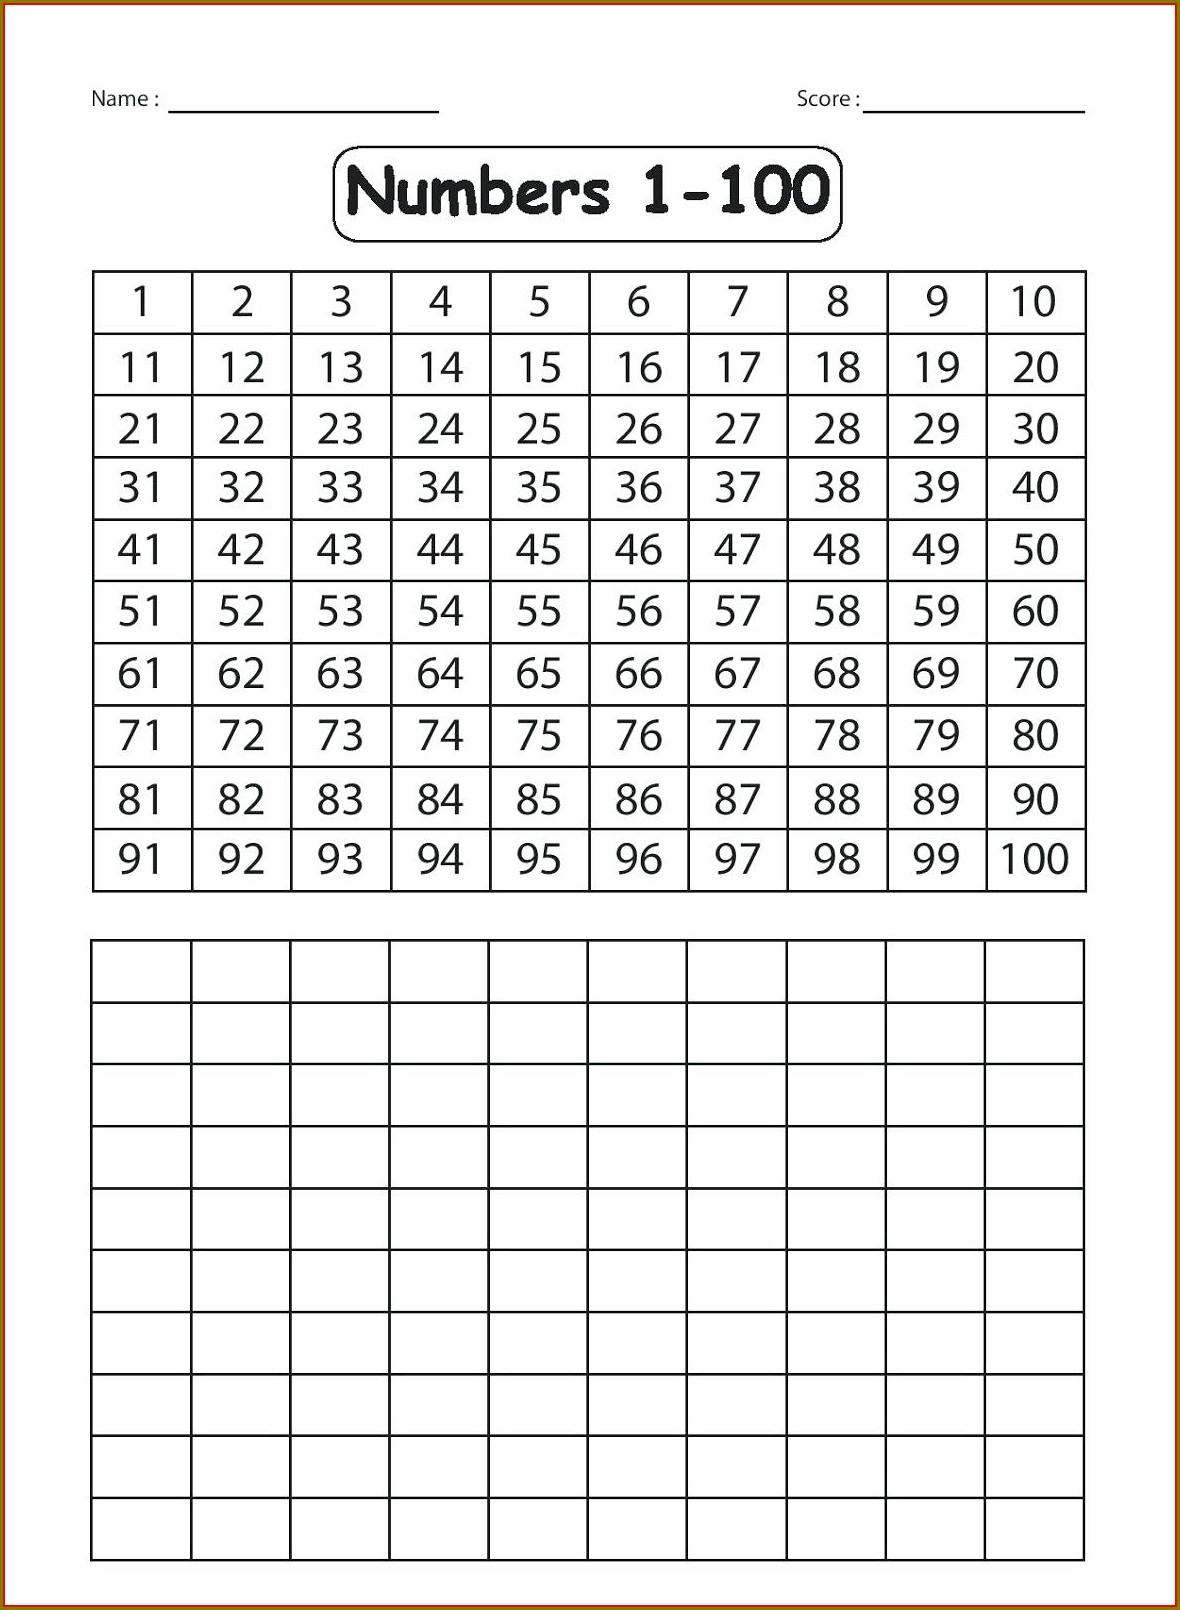 Worksheet On Ordinal Numbers 1 20 Worksheet Resume Examples